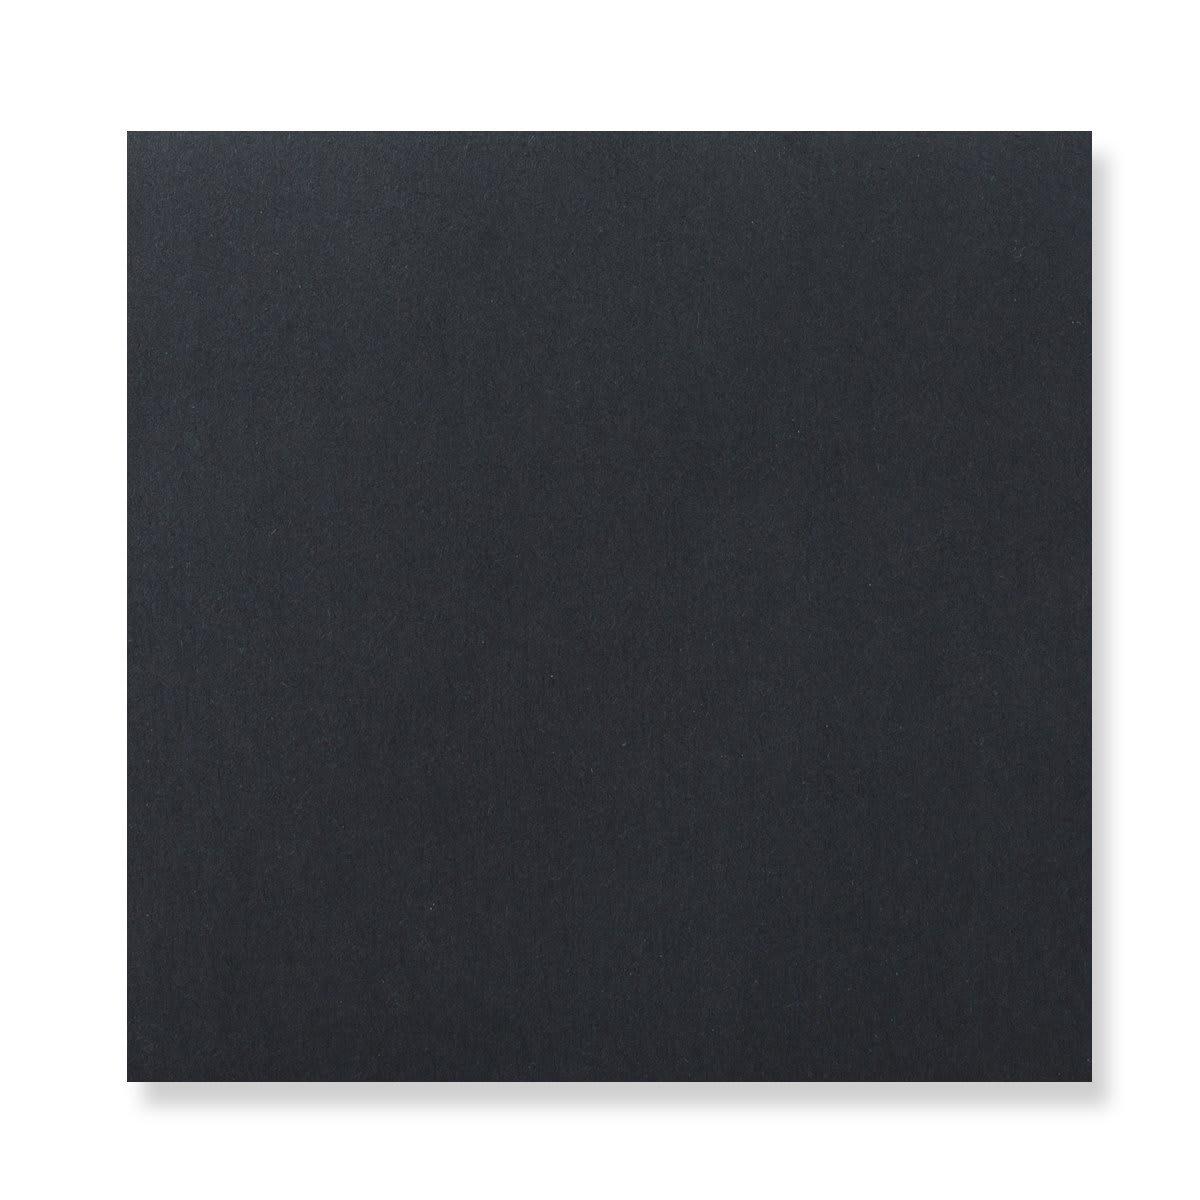 85 x 85mm BLACK MINI CD ENVELOPES